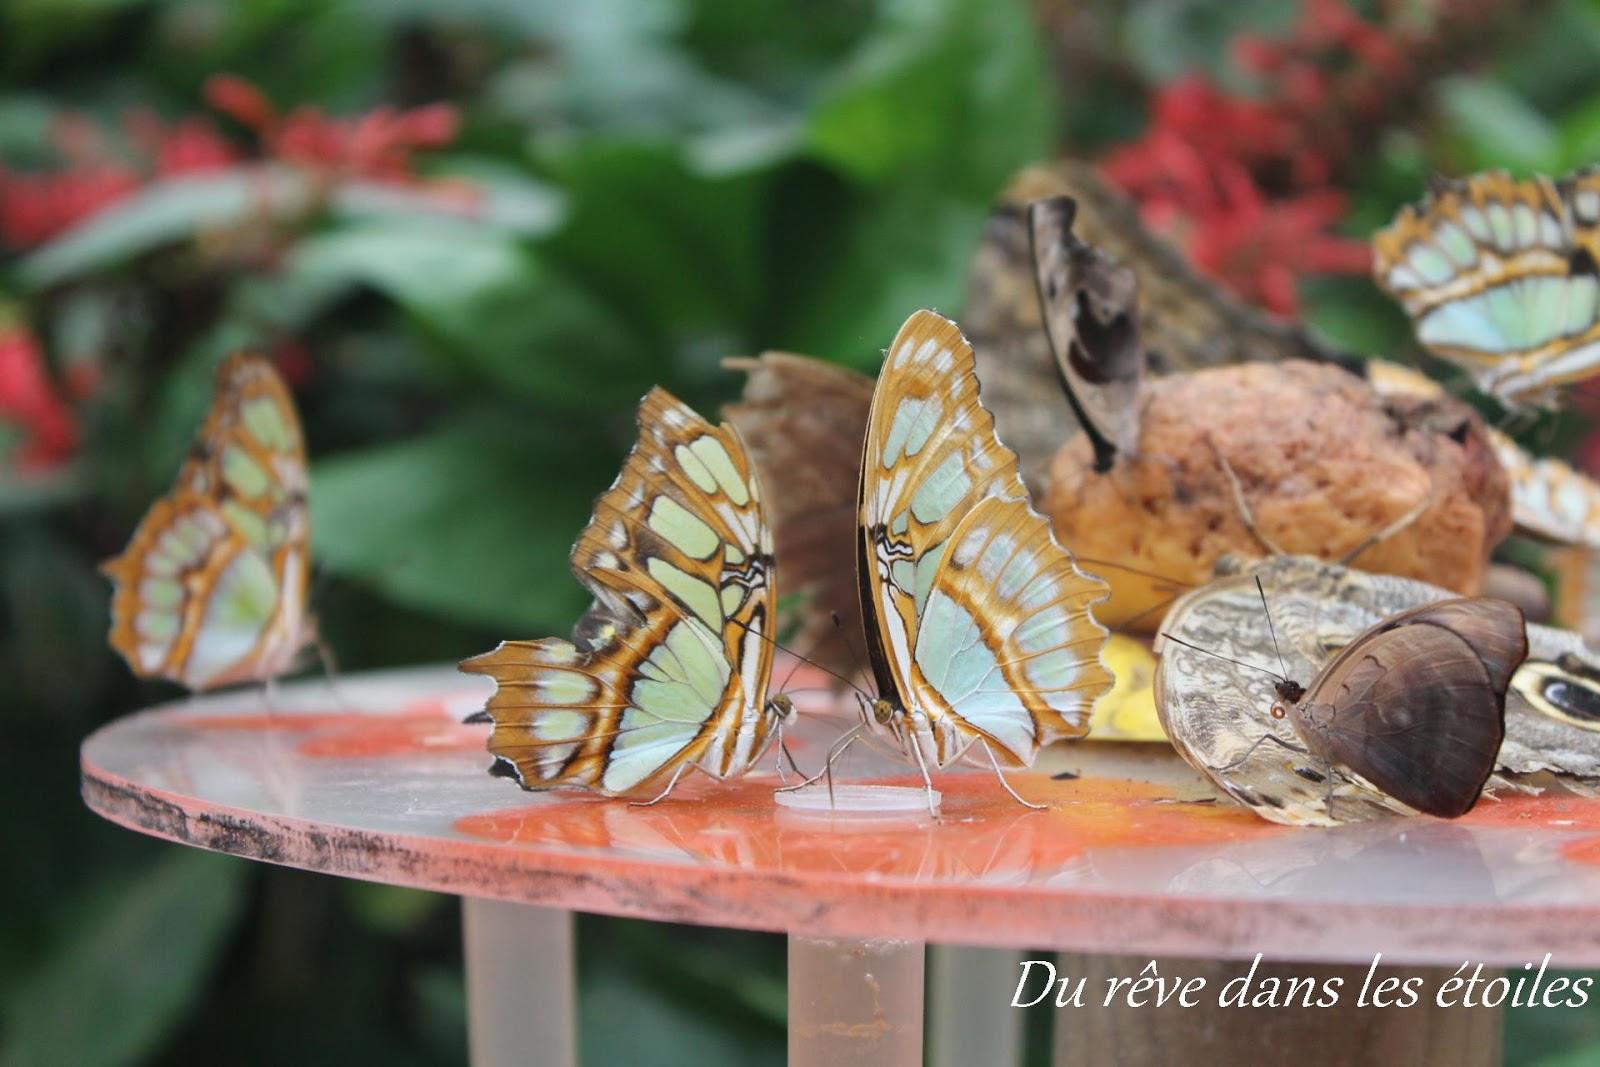 La serre papillons sortie en yvelines du r ve dans for Sortie en famille yvelines